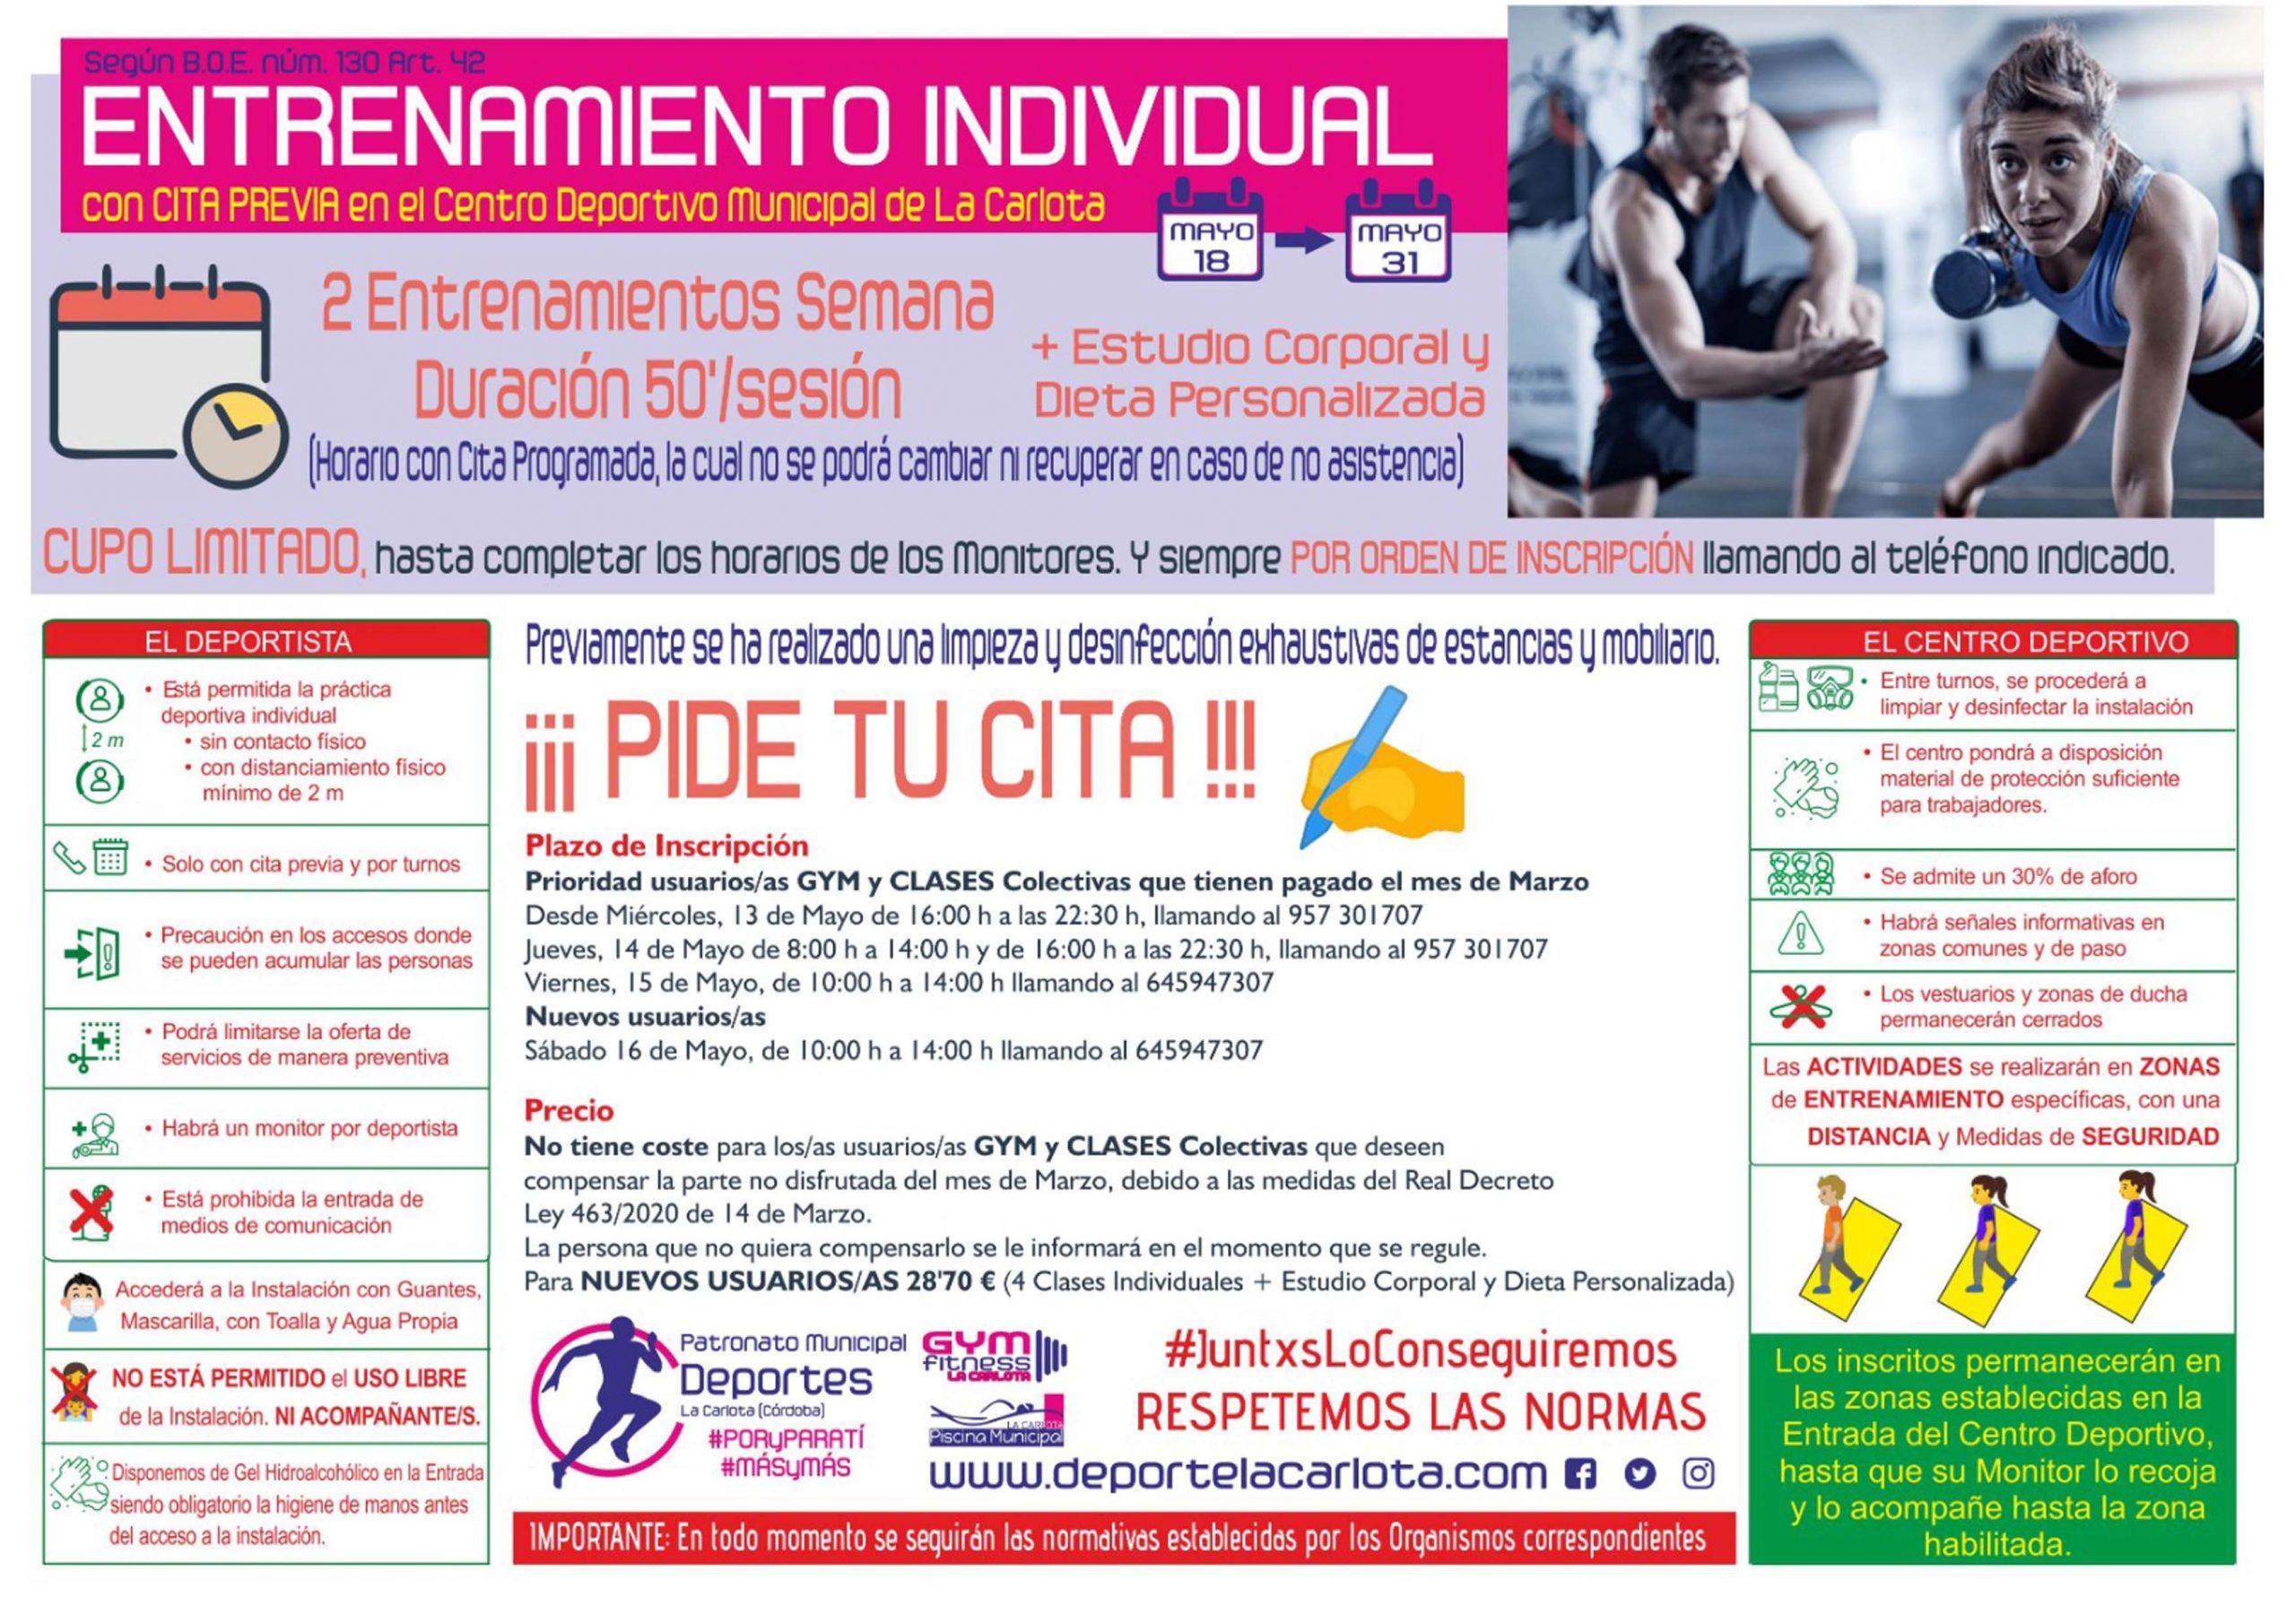 ACTIVIDADES DISPONIBLES EN EL CENTRO DEPORTIVO MUNICIPAL A PARTIR DEL 18 DE MAYO 1